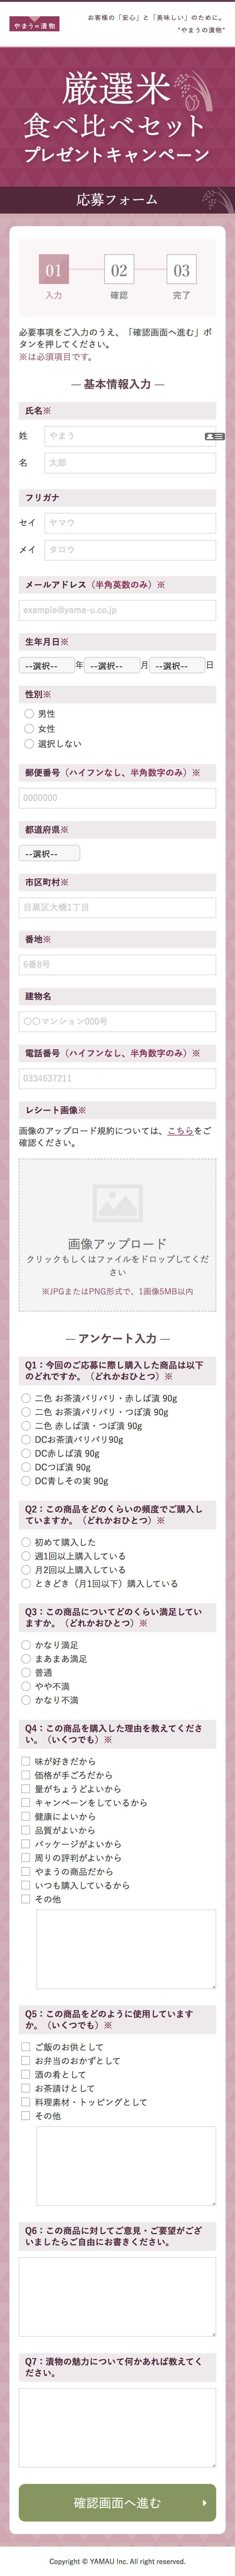 【やまうの漬物】厳選米 食べ比べセットプレゼントキャンペーン